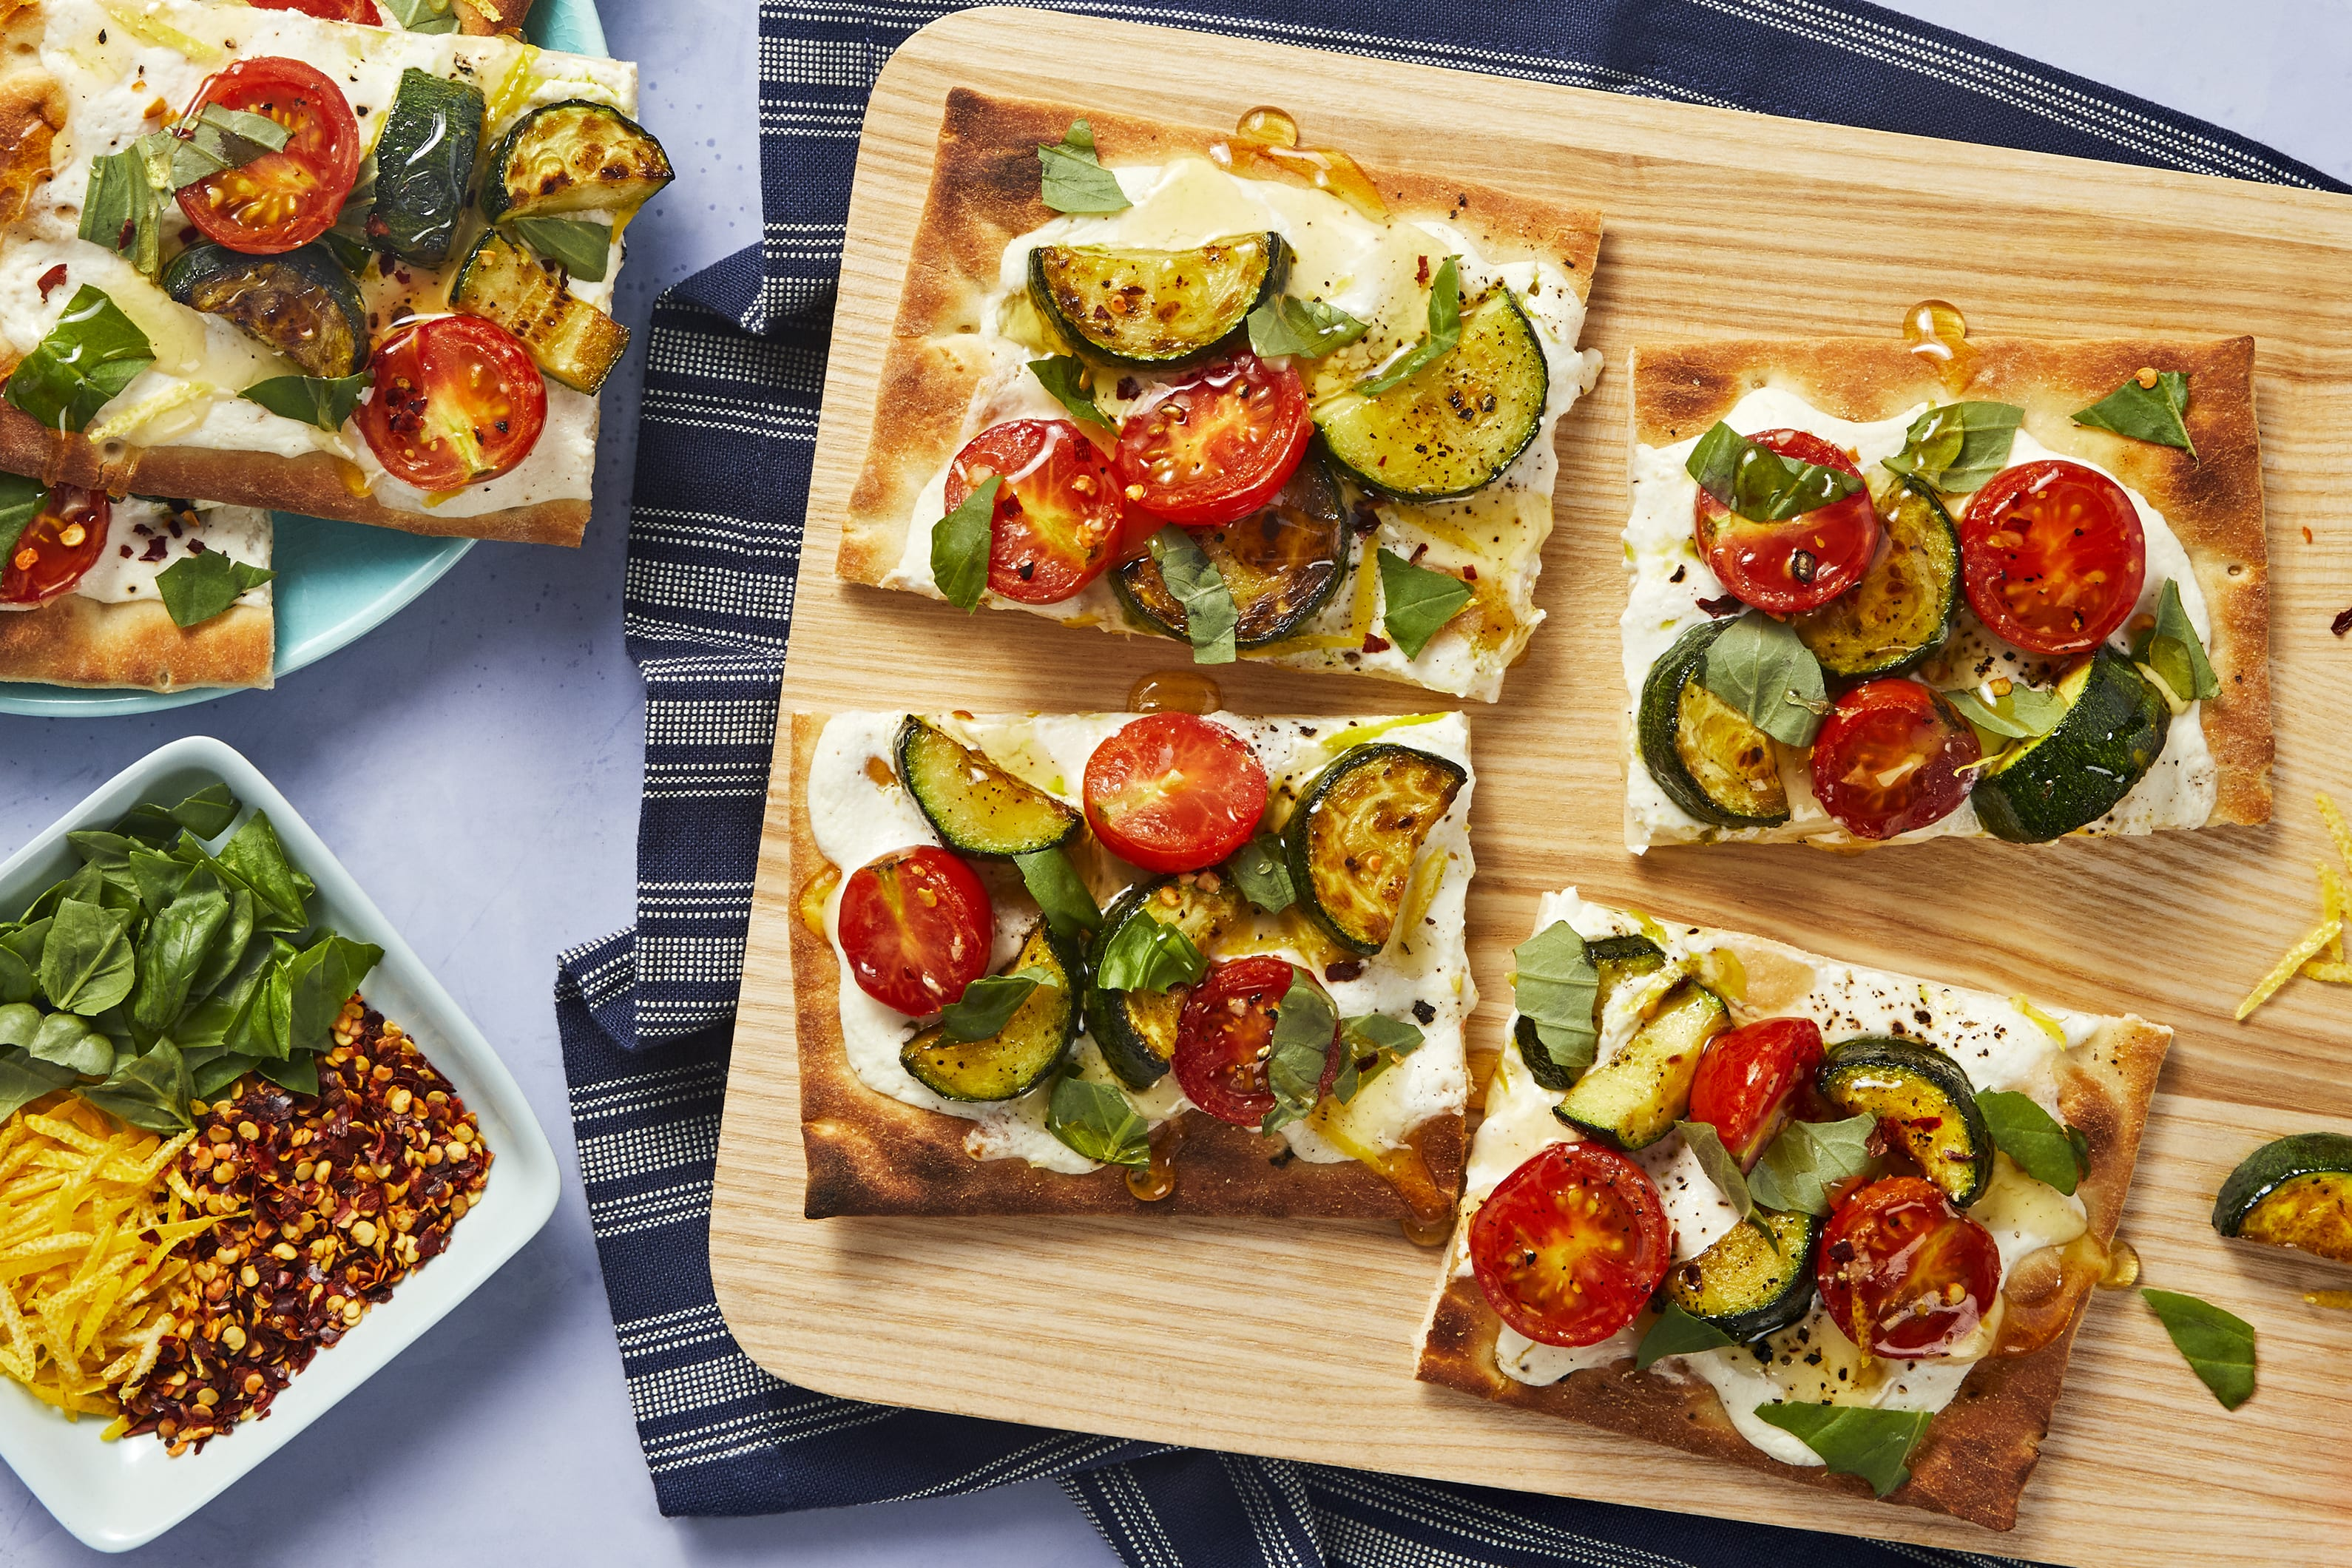 Zucchini and Tomato Flatbreads